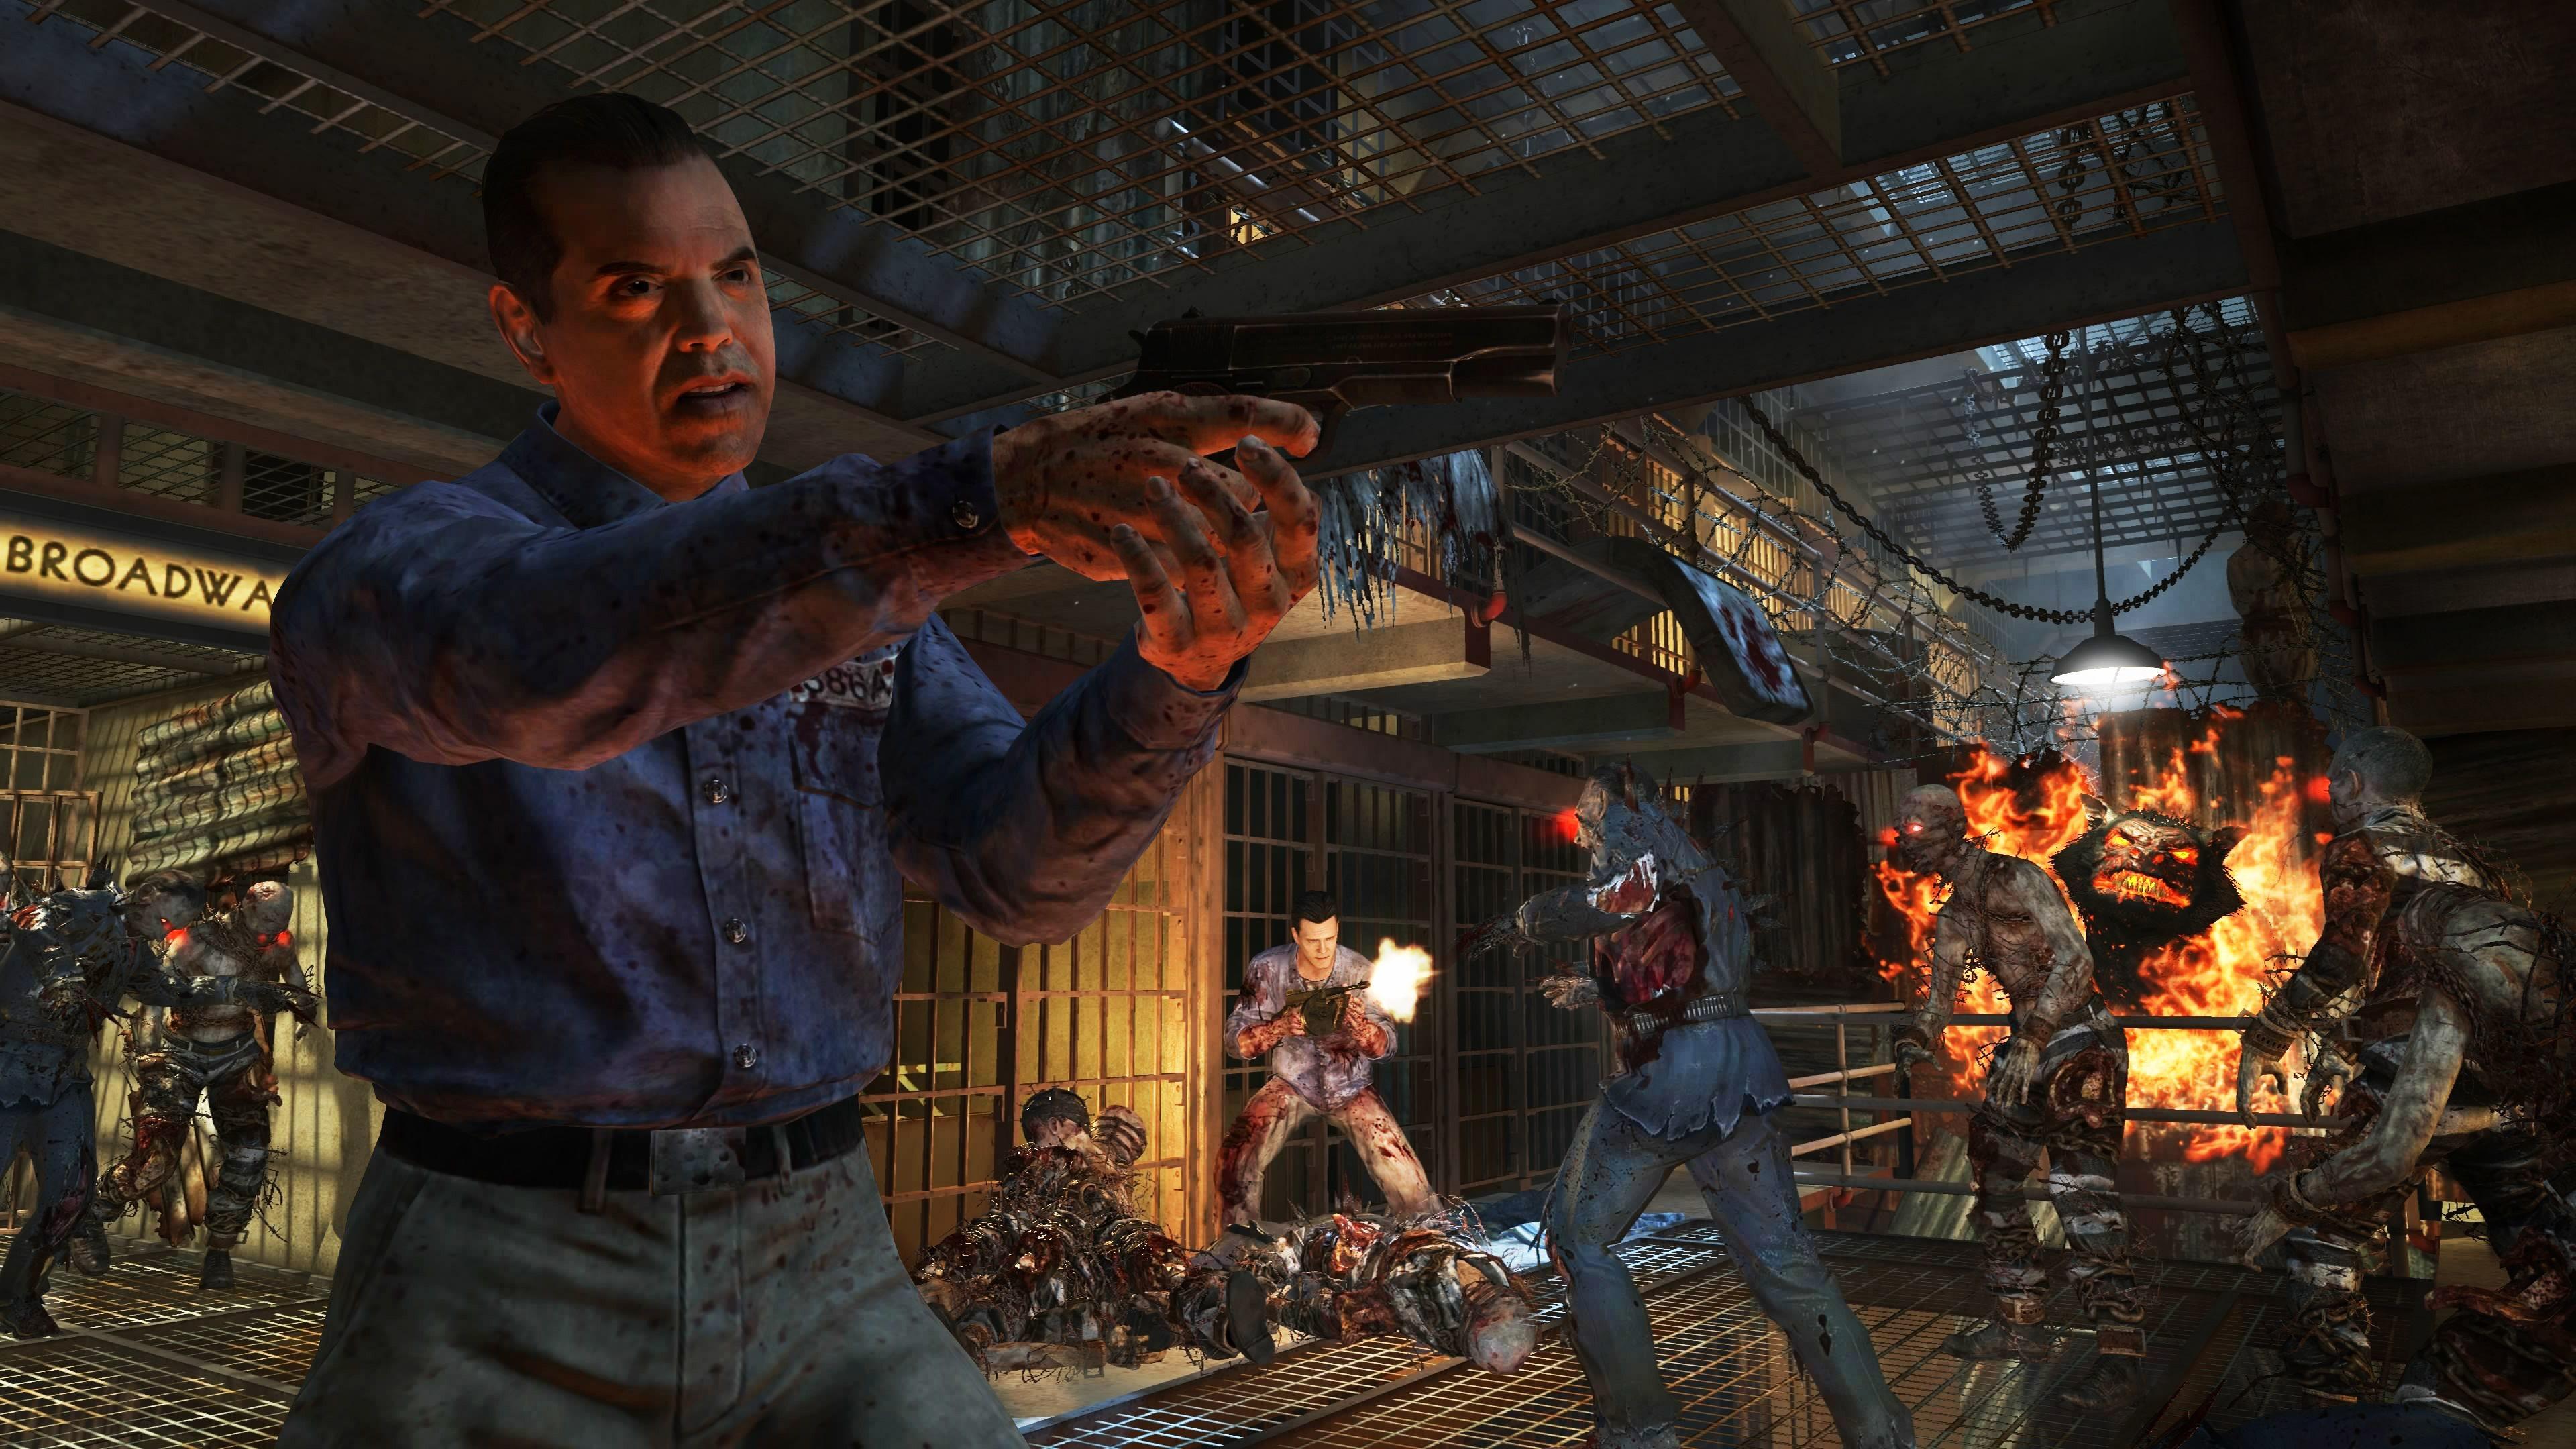 Call of duty black ops 2 zombies wallpaper | danasrfg.top